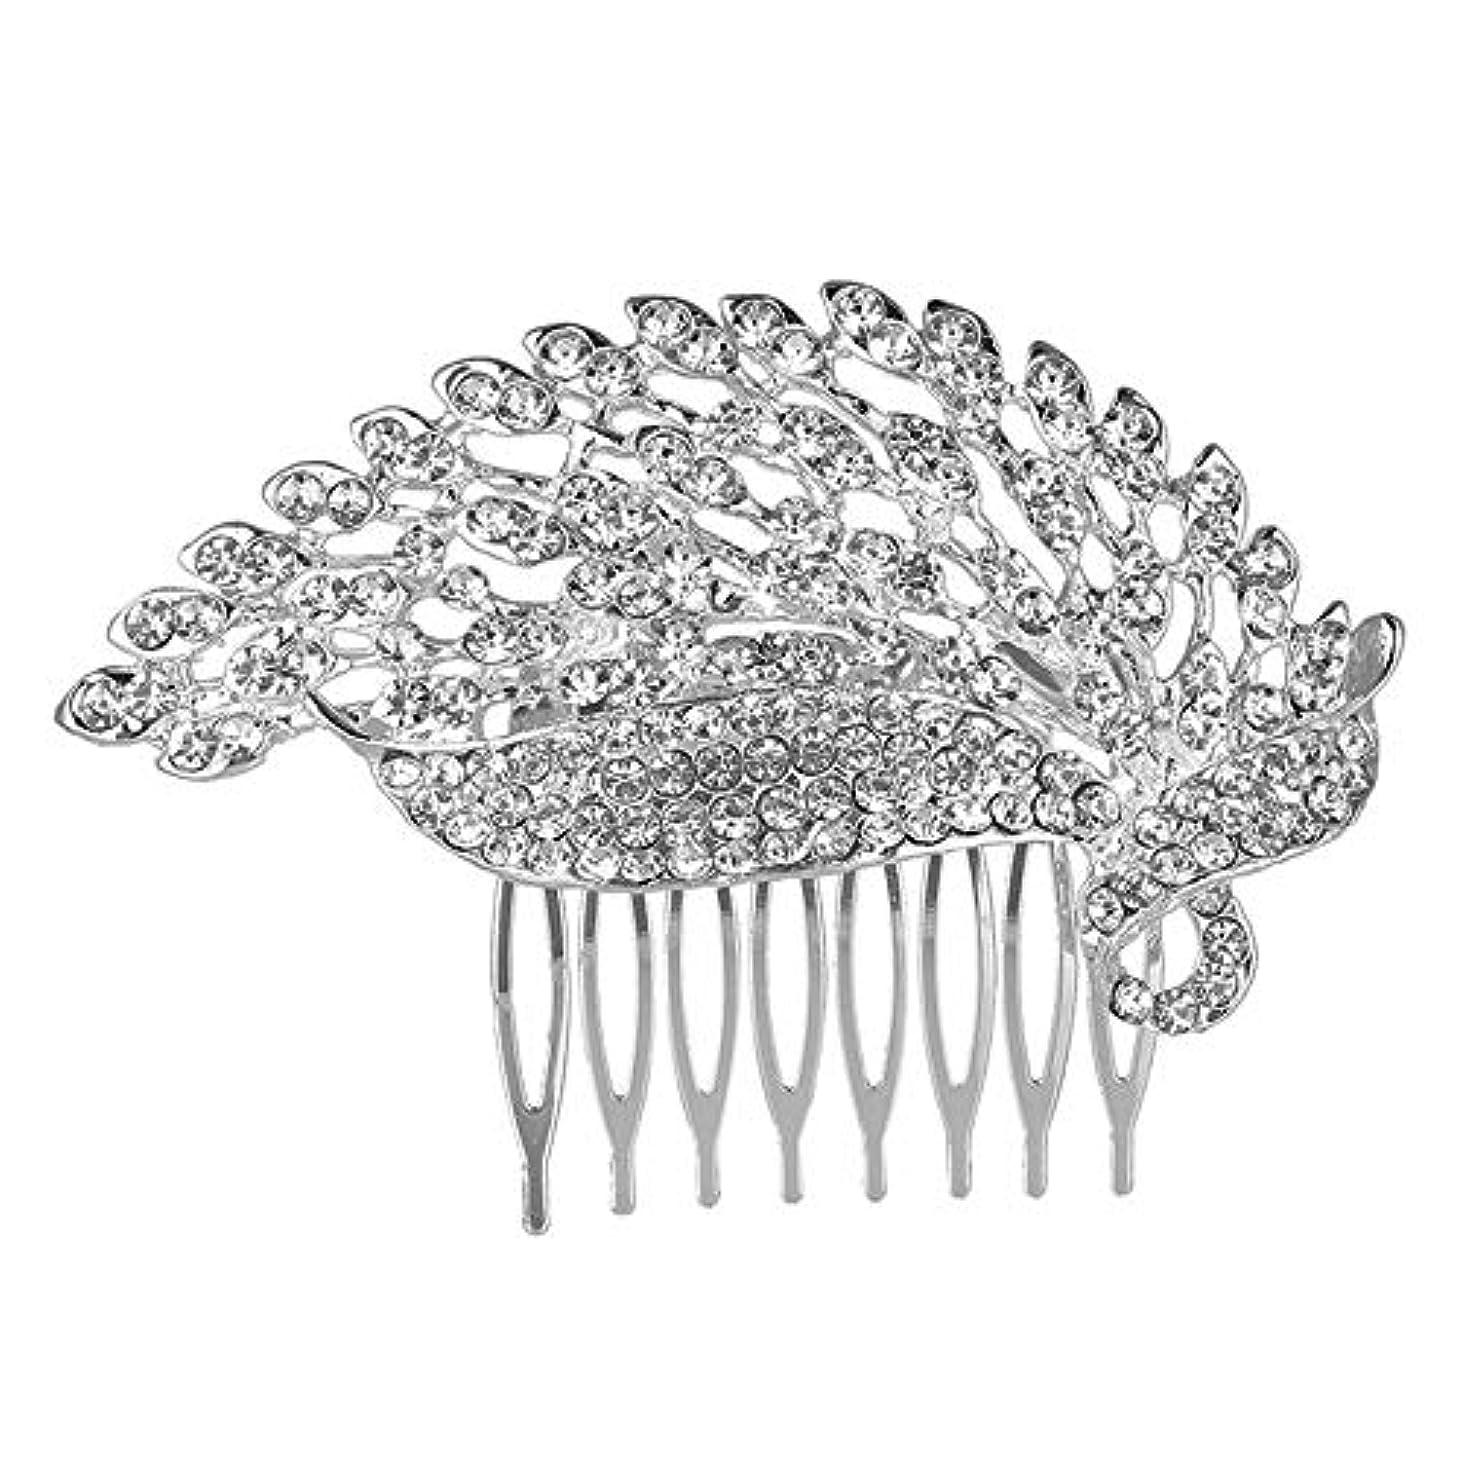 ガラスふりをする気怠い髪の櫛の櫛の櫛の花嫁の櫛の櫛の櫛の花嫁の頭飾りの結婚式のアクセサリー合金